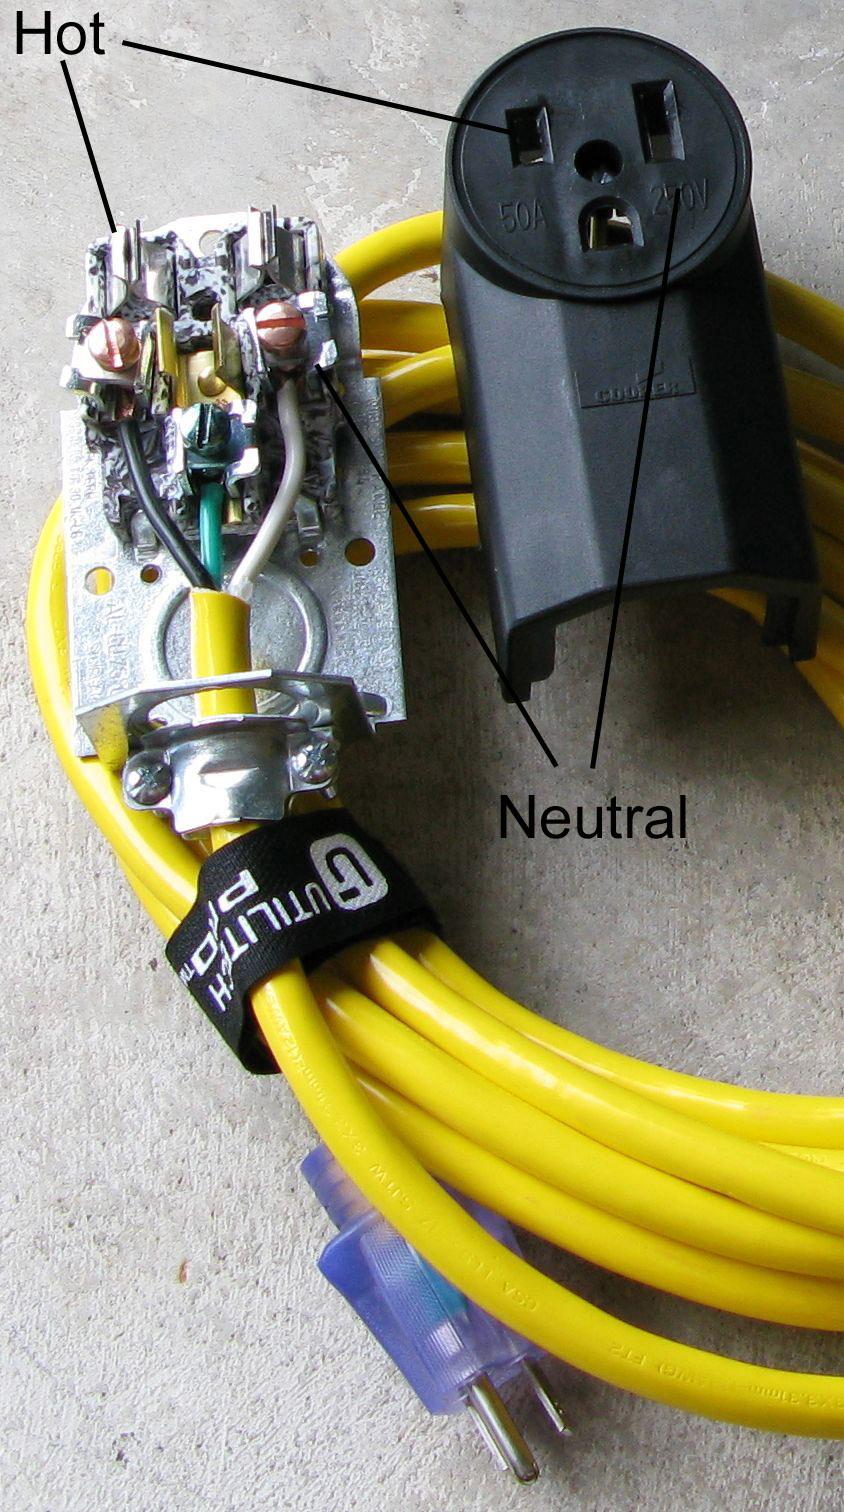 medium resolution of home built plasma cutter wiring schematic